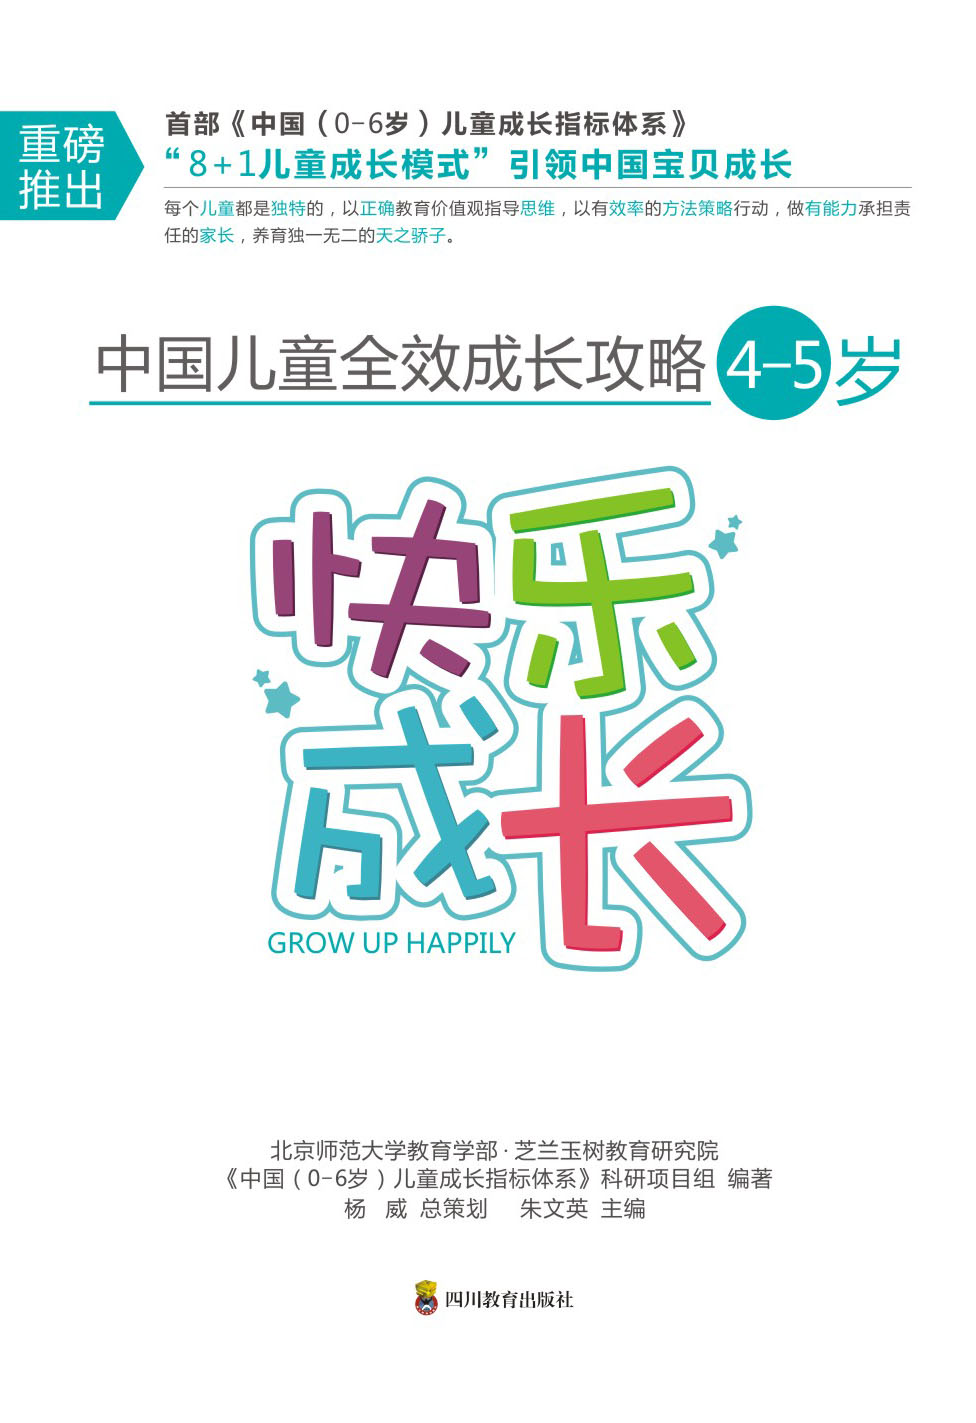 中国儿童亚博体育app官方下载苹果yabosports官网攻略·(4-5岁)快乐yabosports官网